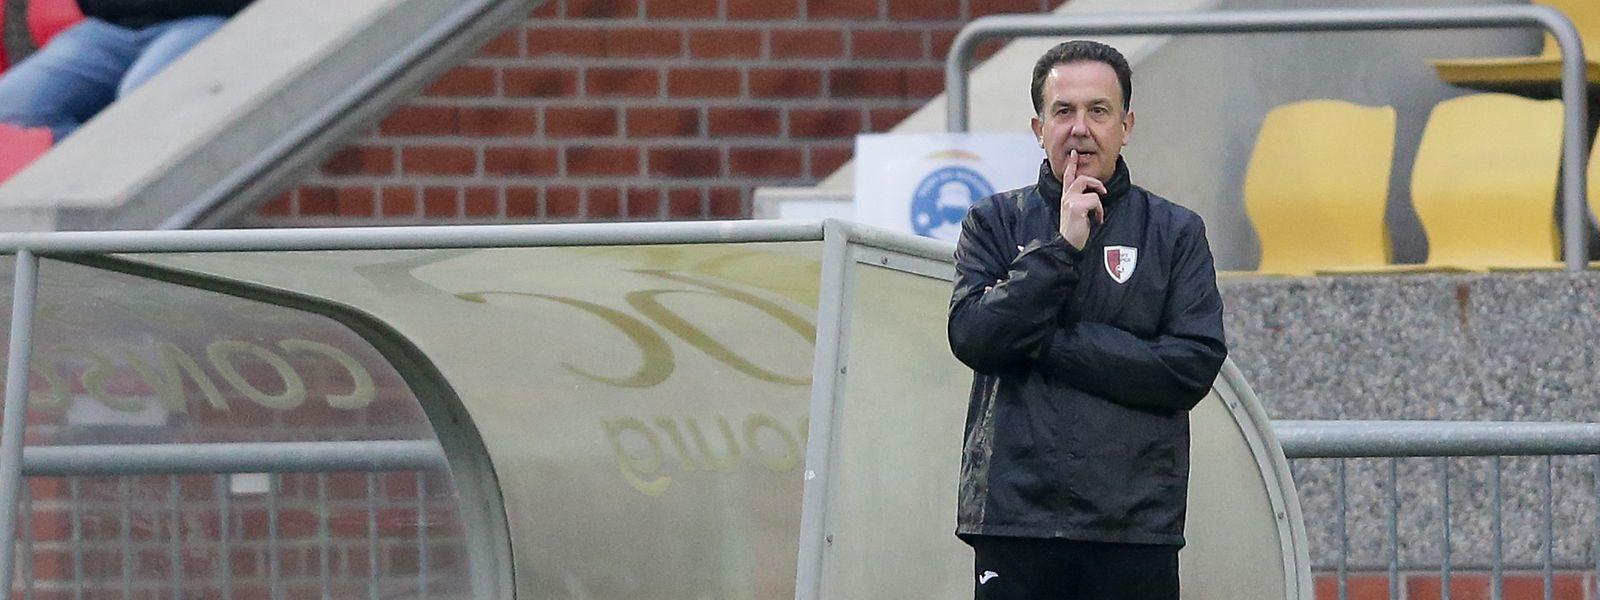 Rücktritt vom Rücktritt: Pascal Carzaniga bleibt Trainer bei Hesperingen.